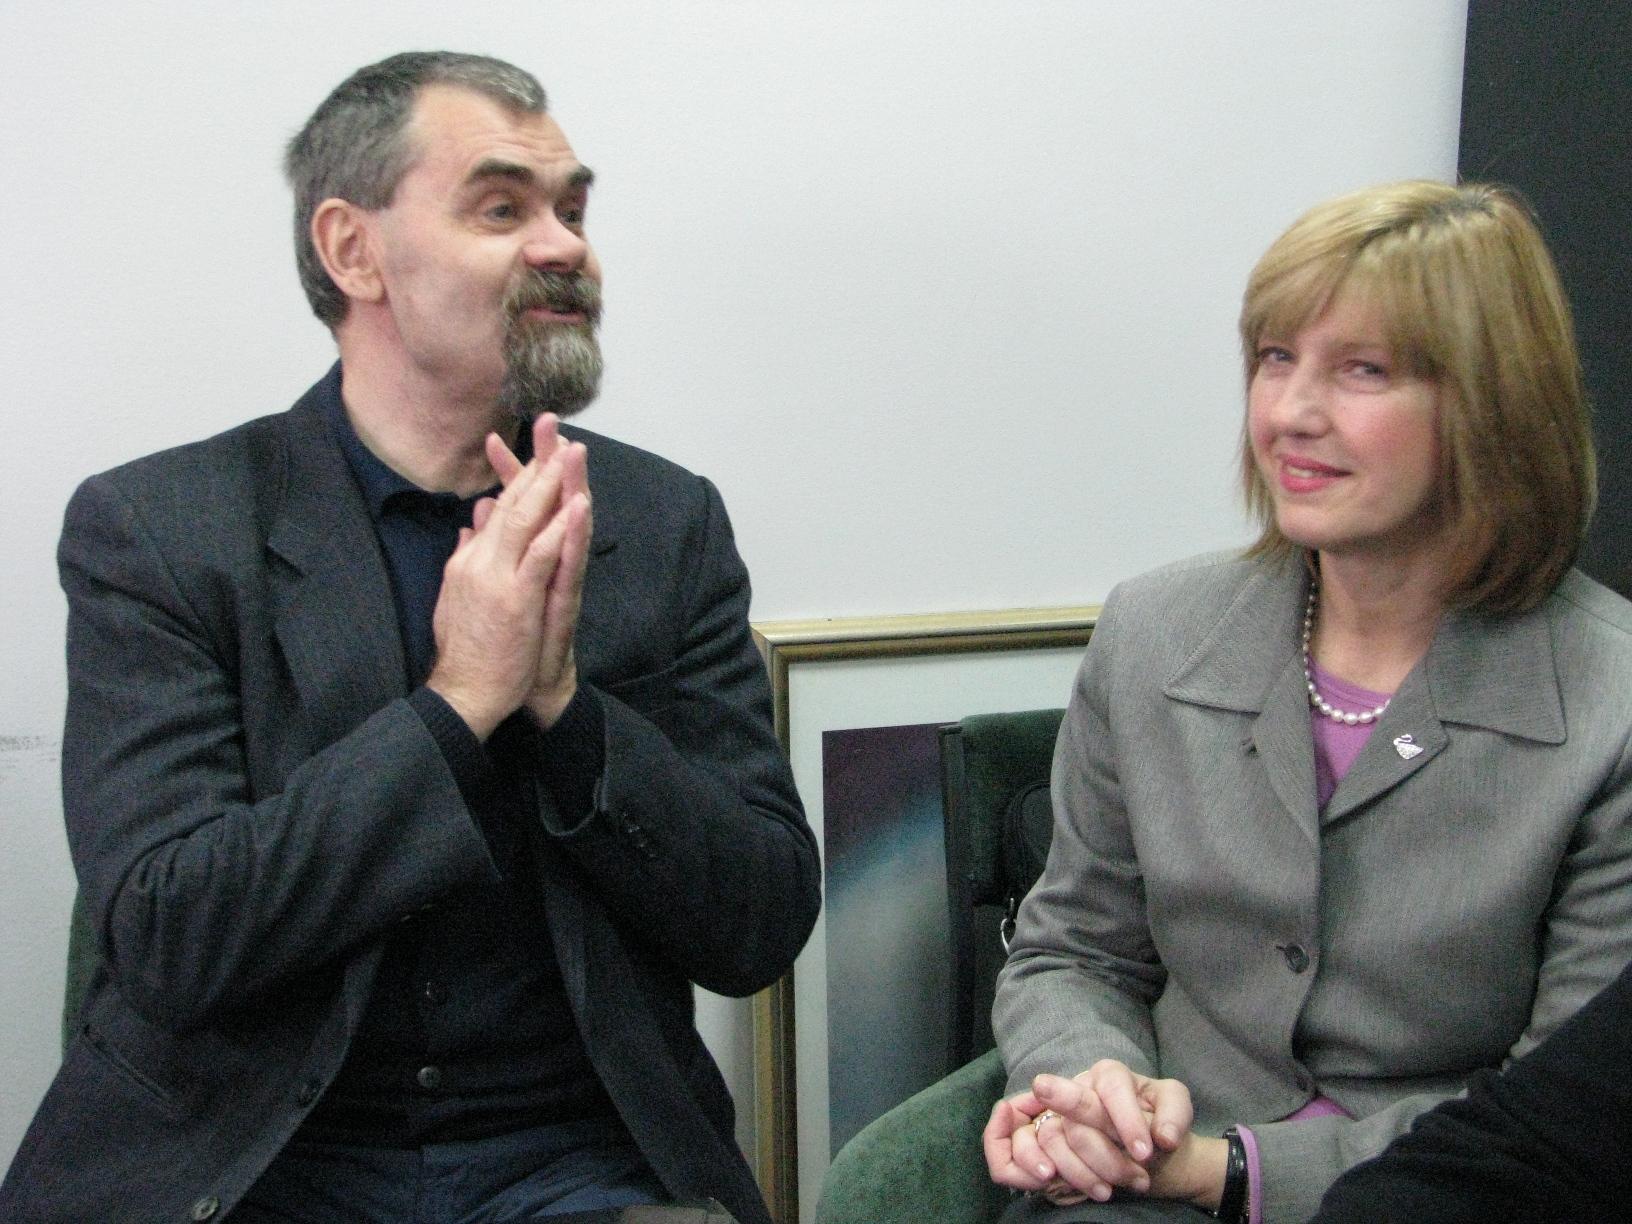 5-prof.dr_vesna_miskovic-stankovic_i_stanko_stojiljkovic